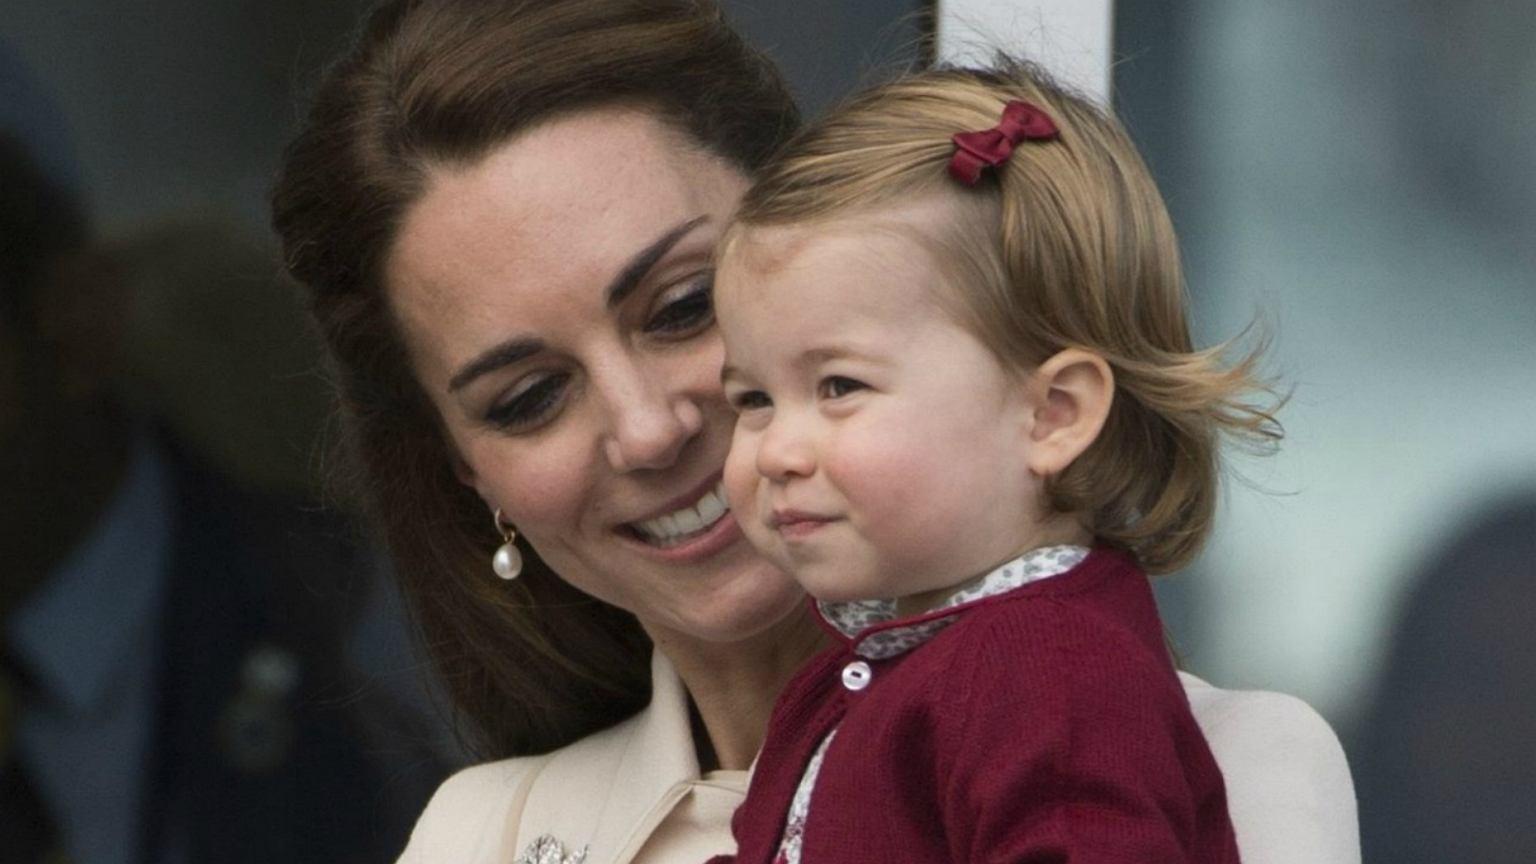 Księżniczka Charlotte Jutro Obchodzi Drugie Urodziny